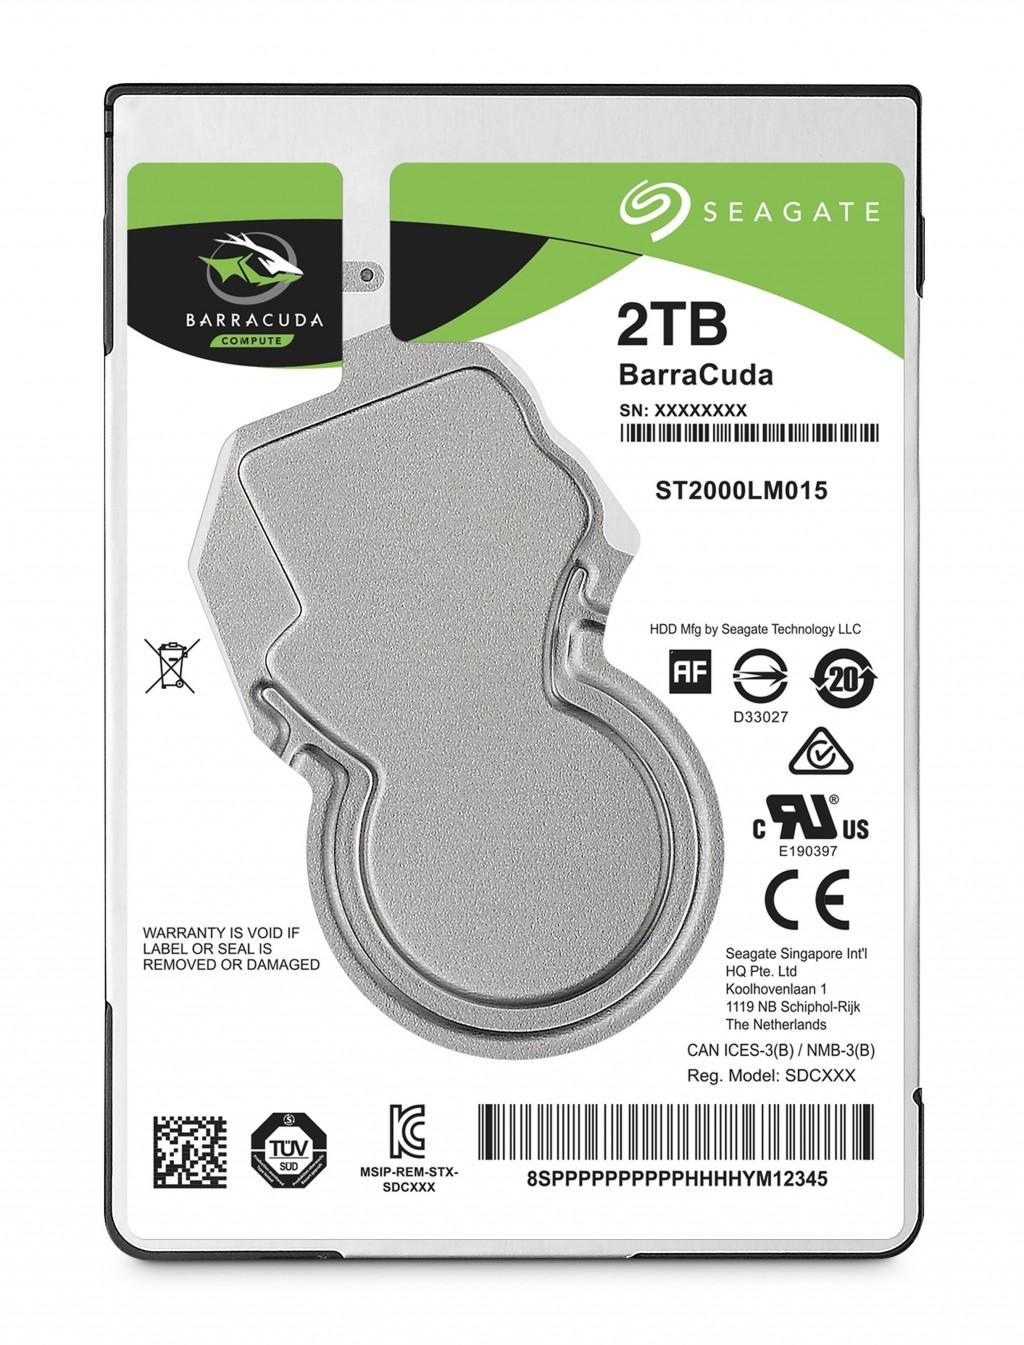 SEAGATE Barracuda 2TB HDD SATA 2.5inch